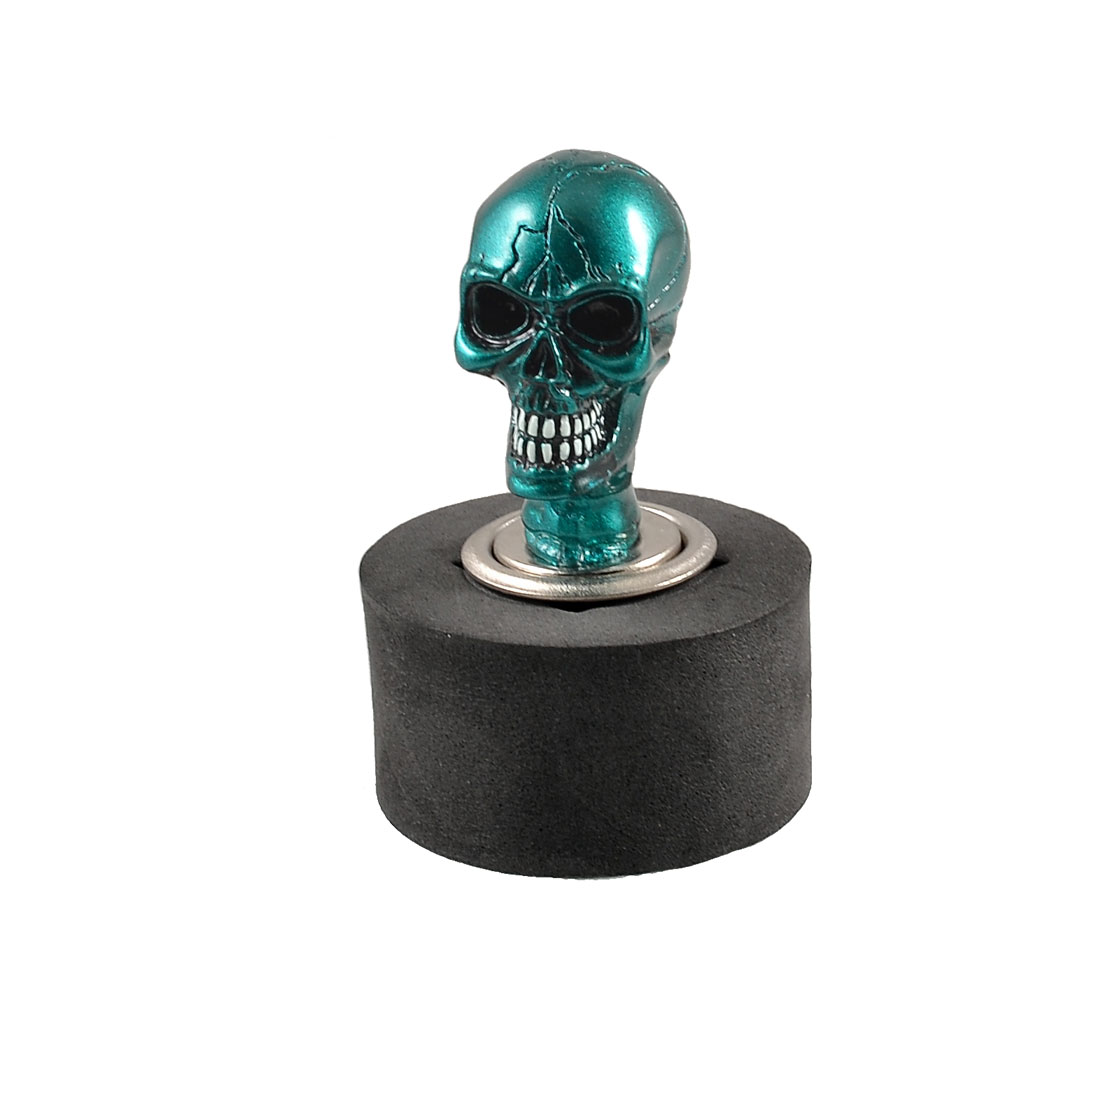 Auto Car Green Silver Tone Skull Head Design Cigarette Lighter Plug DC 12V